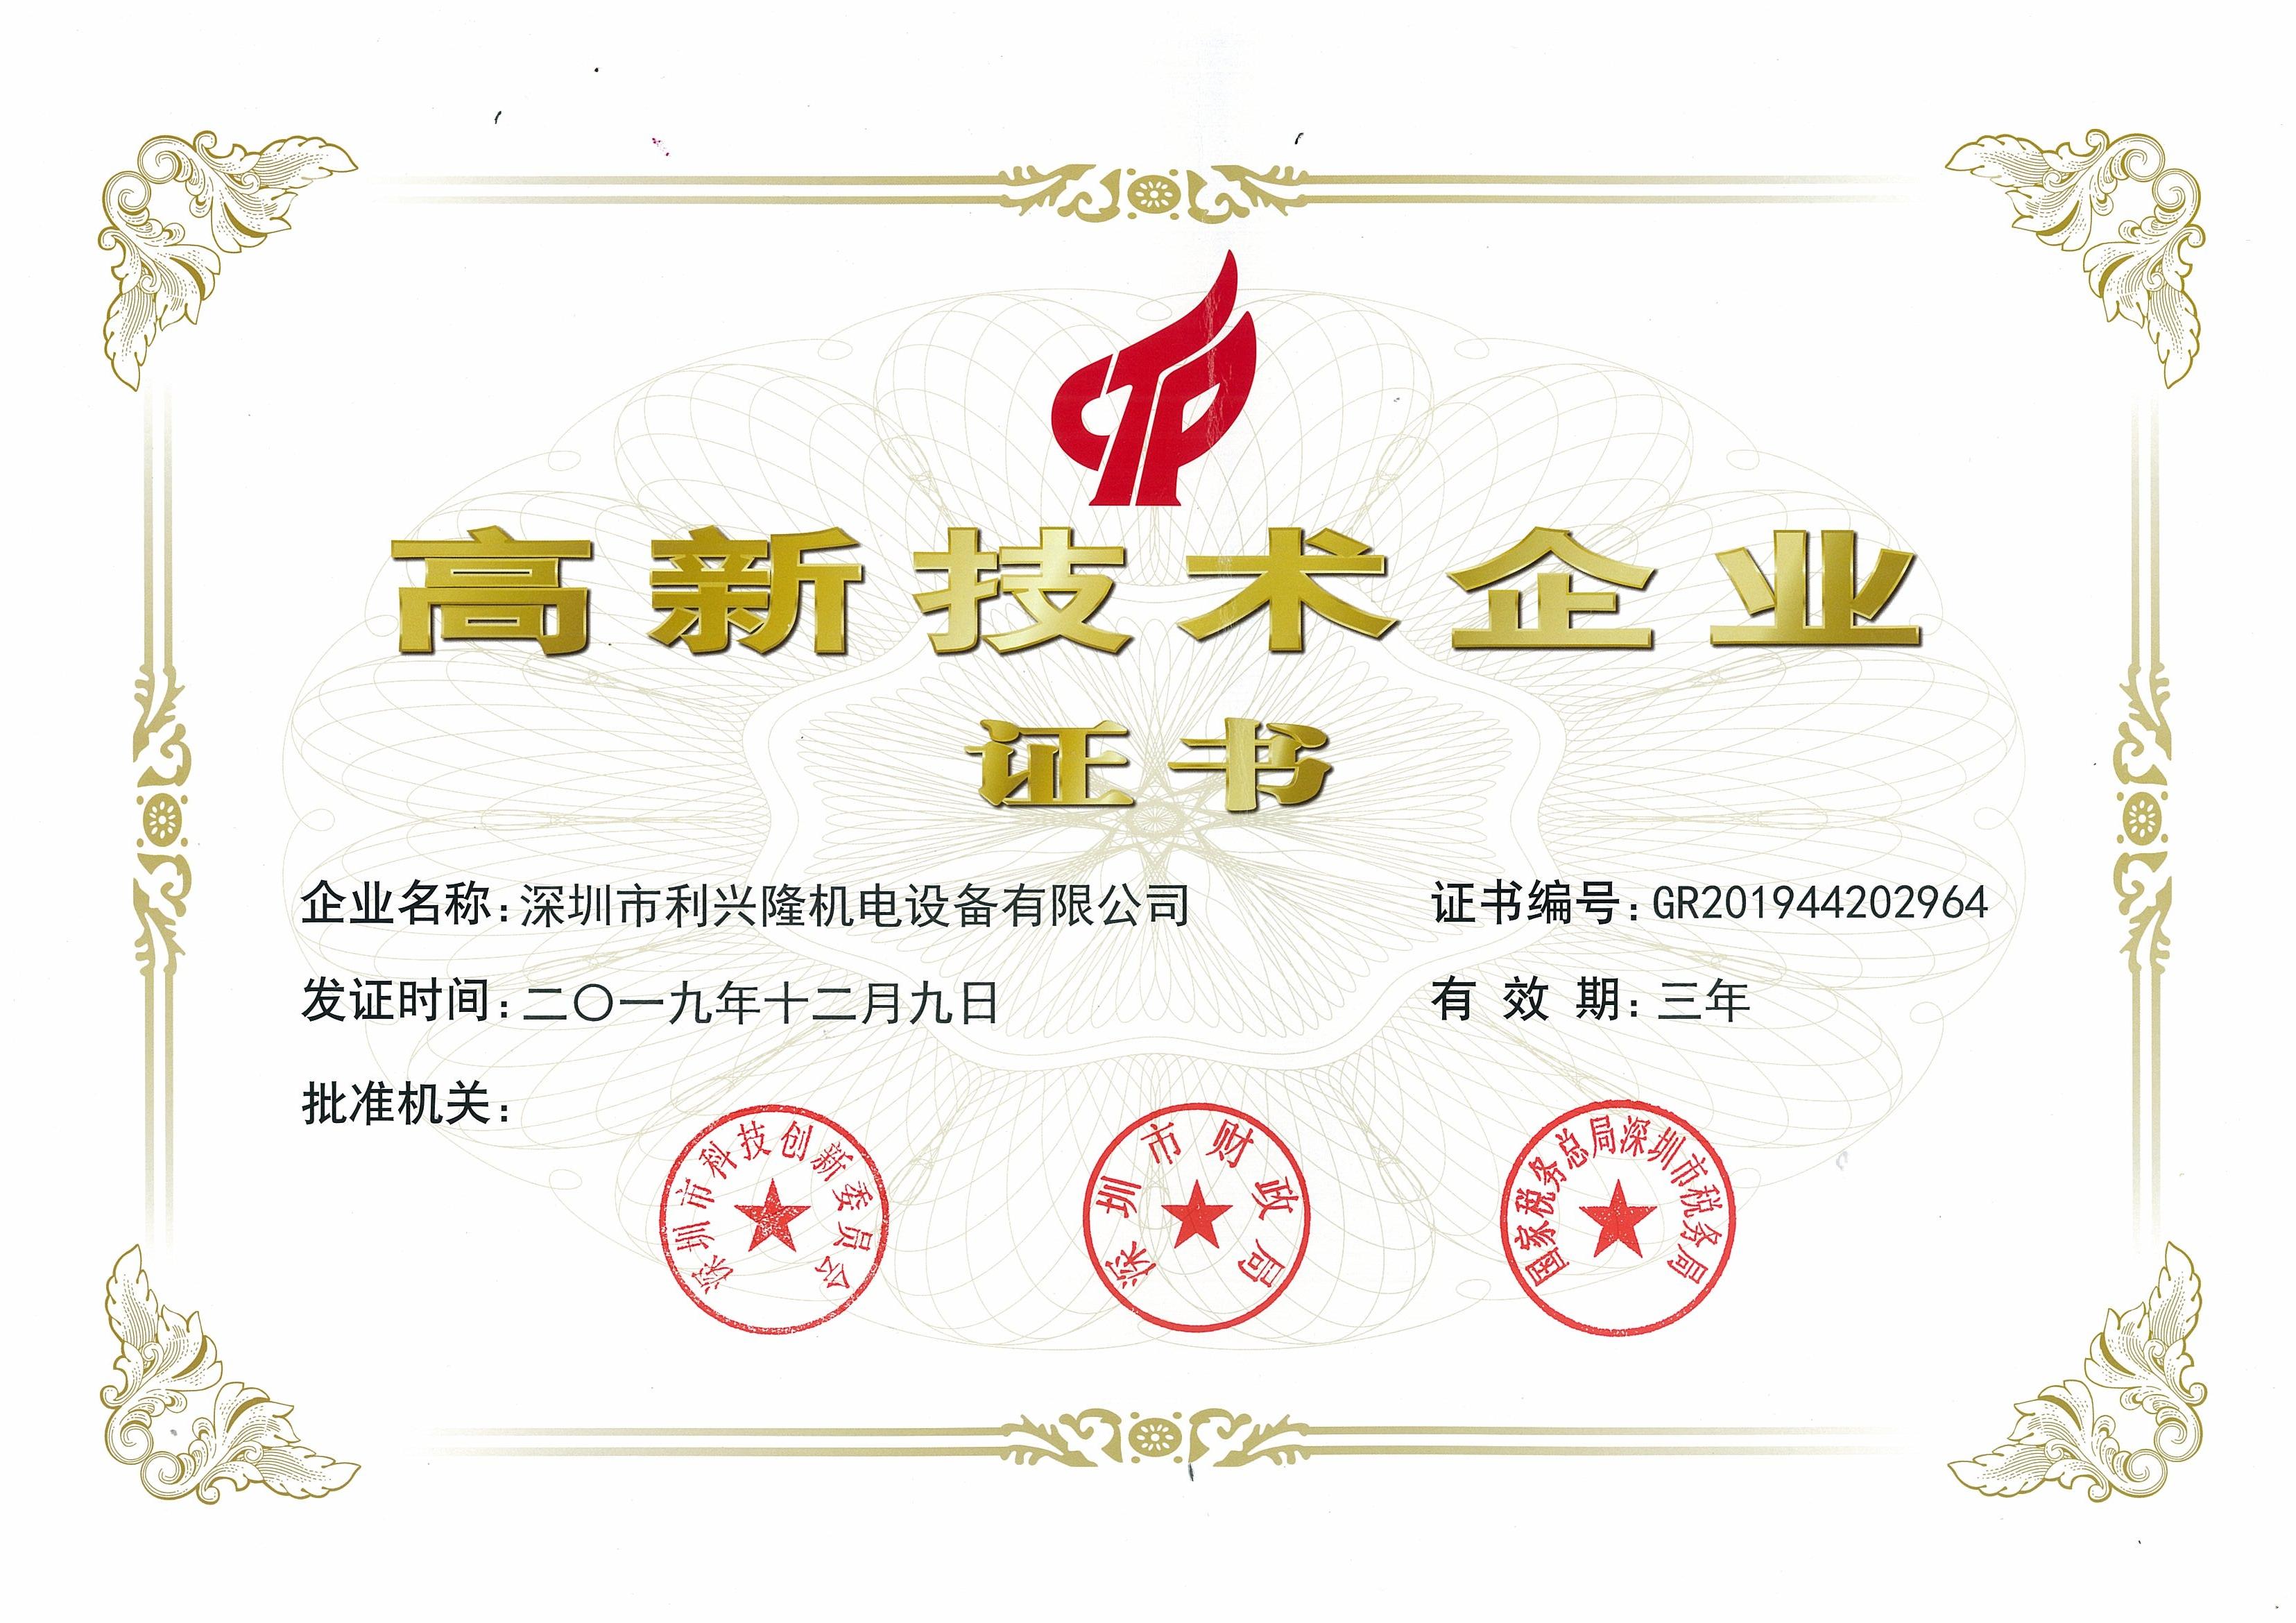 新篇章|热烈祝贺本公司荣获国家高新技术企业证书